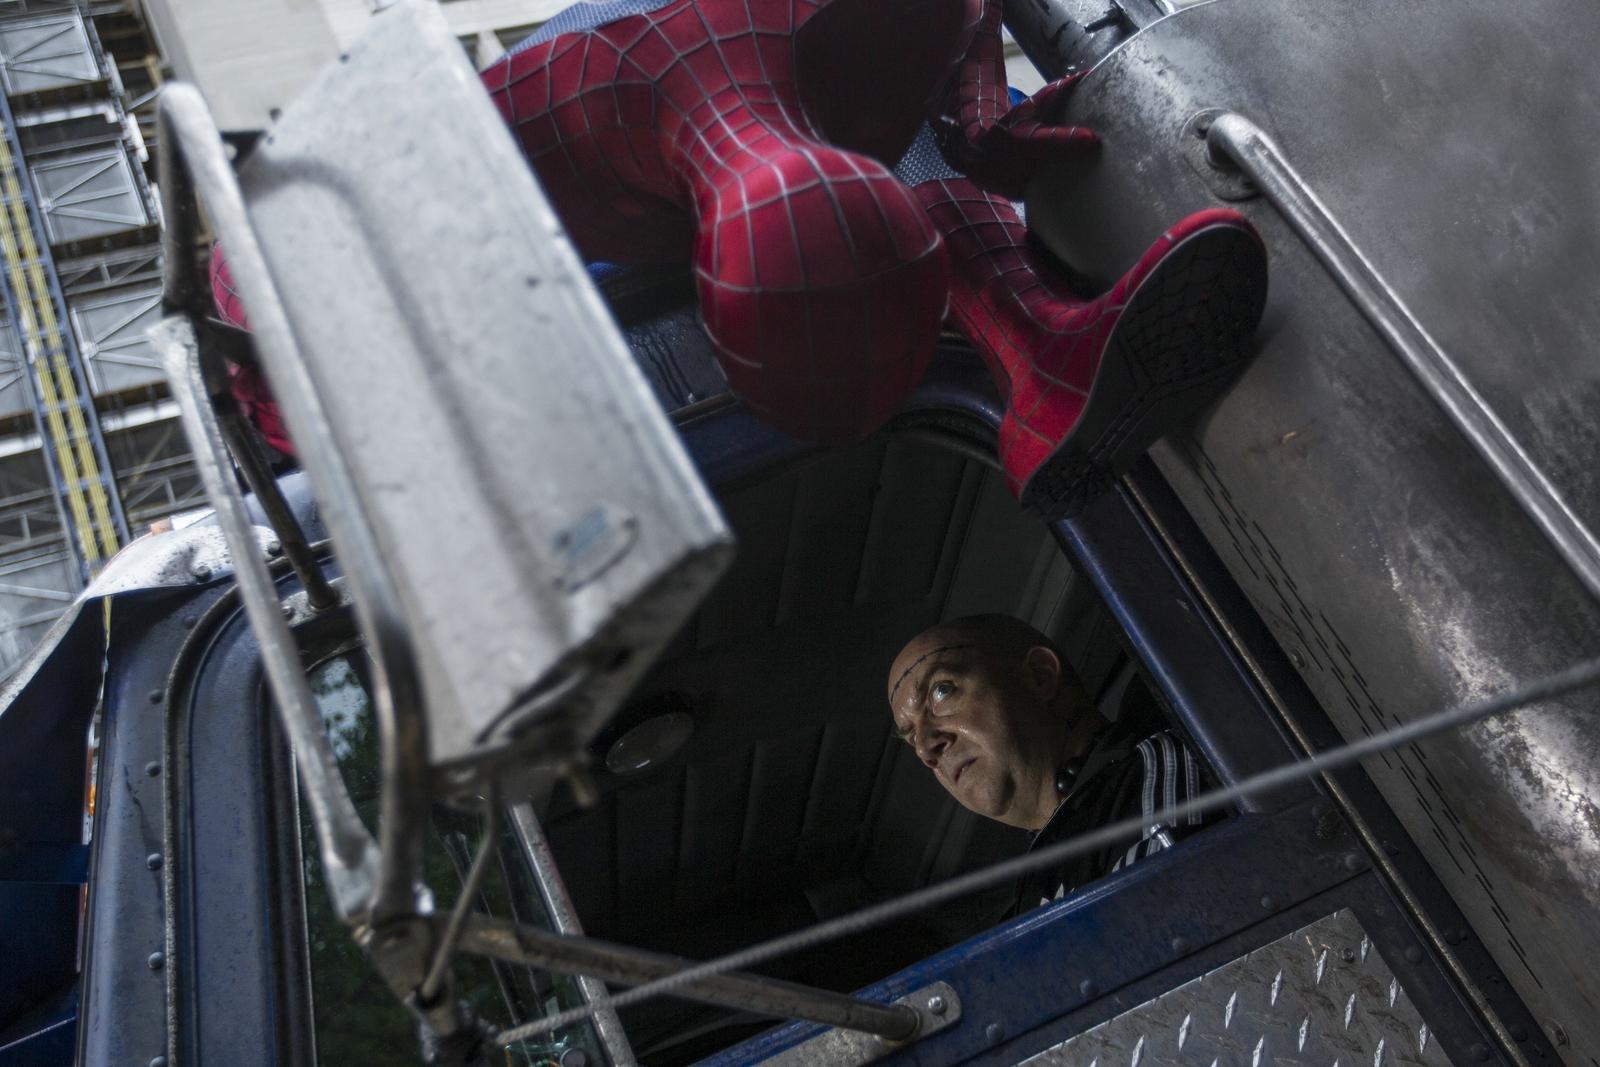 Смотреть человек паук высокое напряжение онлайн бесплатно в хорошем качестве 13 фотография